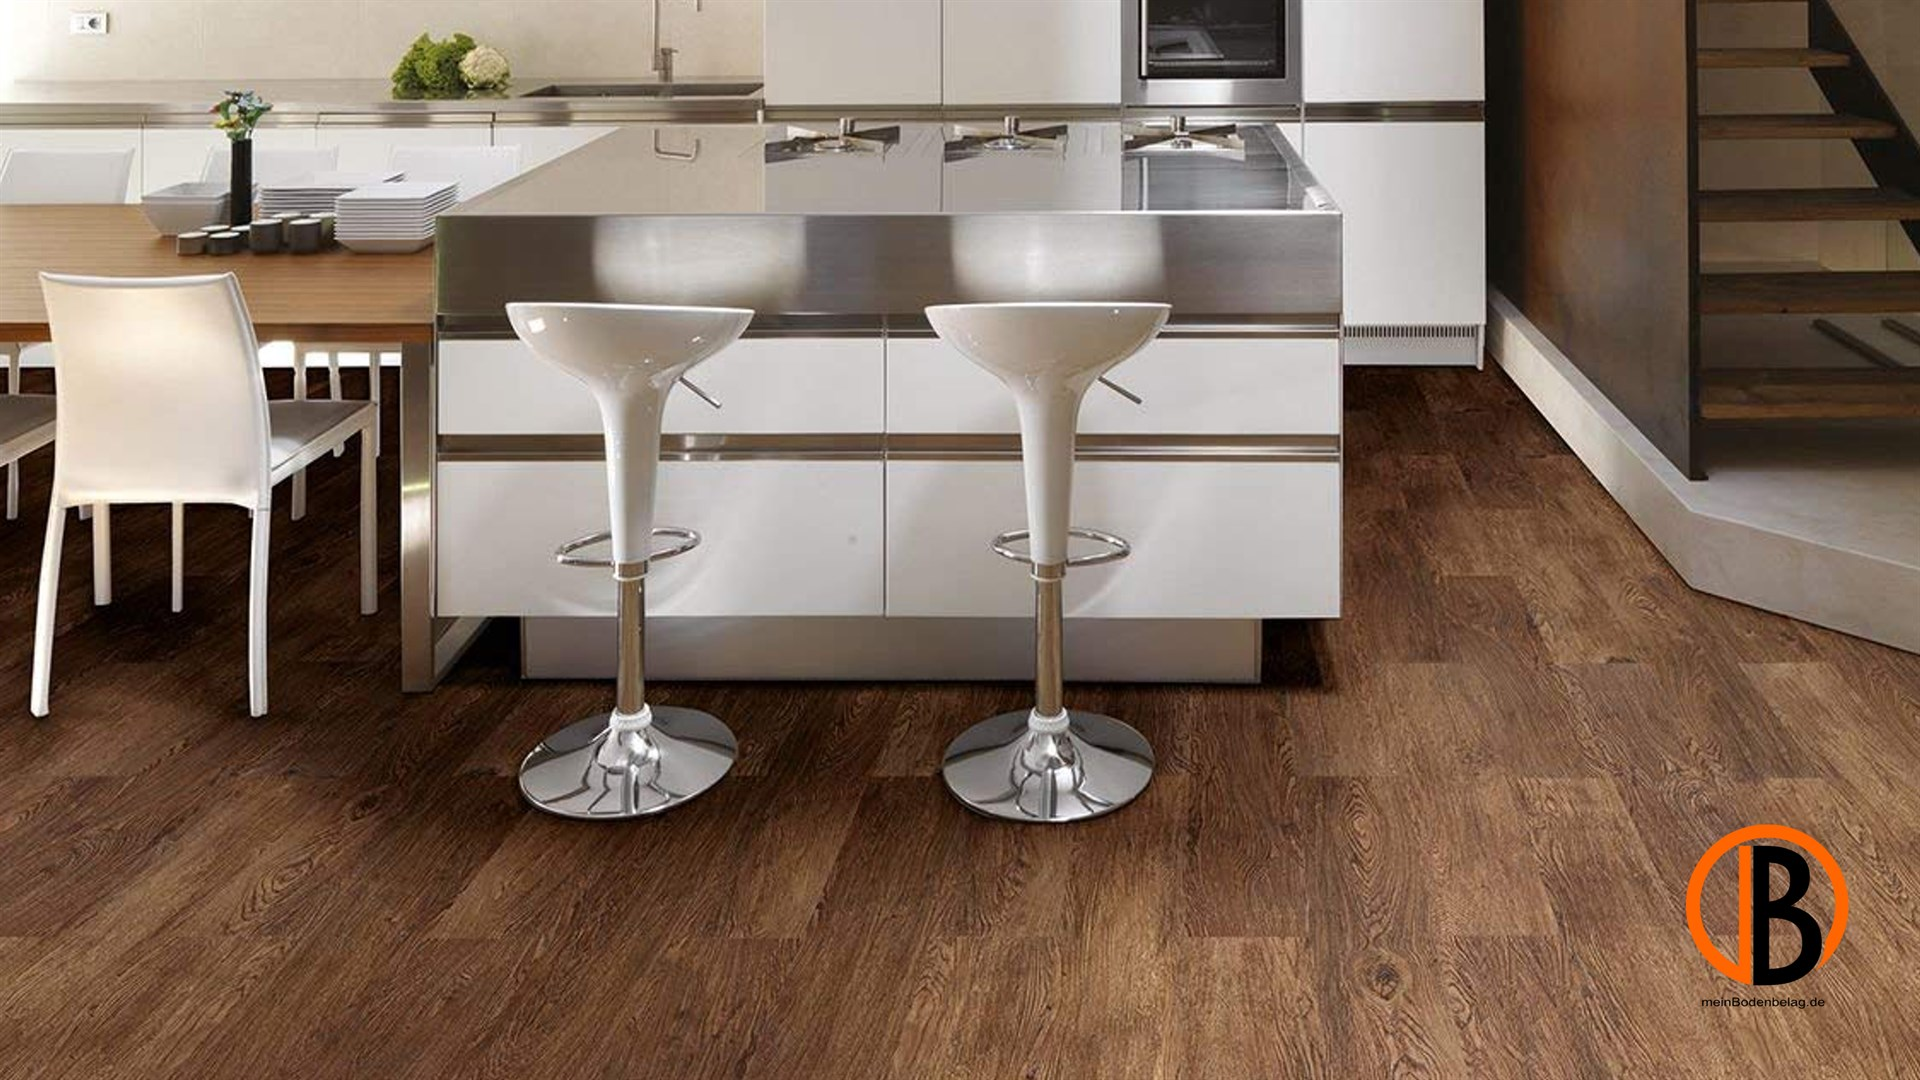 Vinyl Fußboden Günstig Kaufen ~ Parkettboden vinylboden laminatboden terrassenboden im online shop